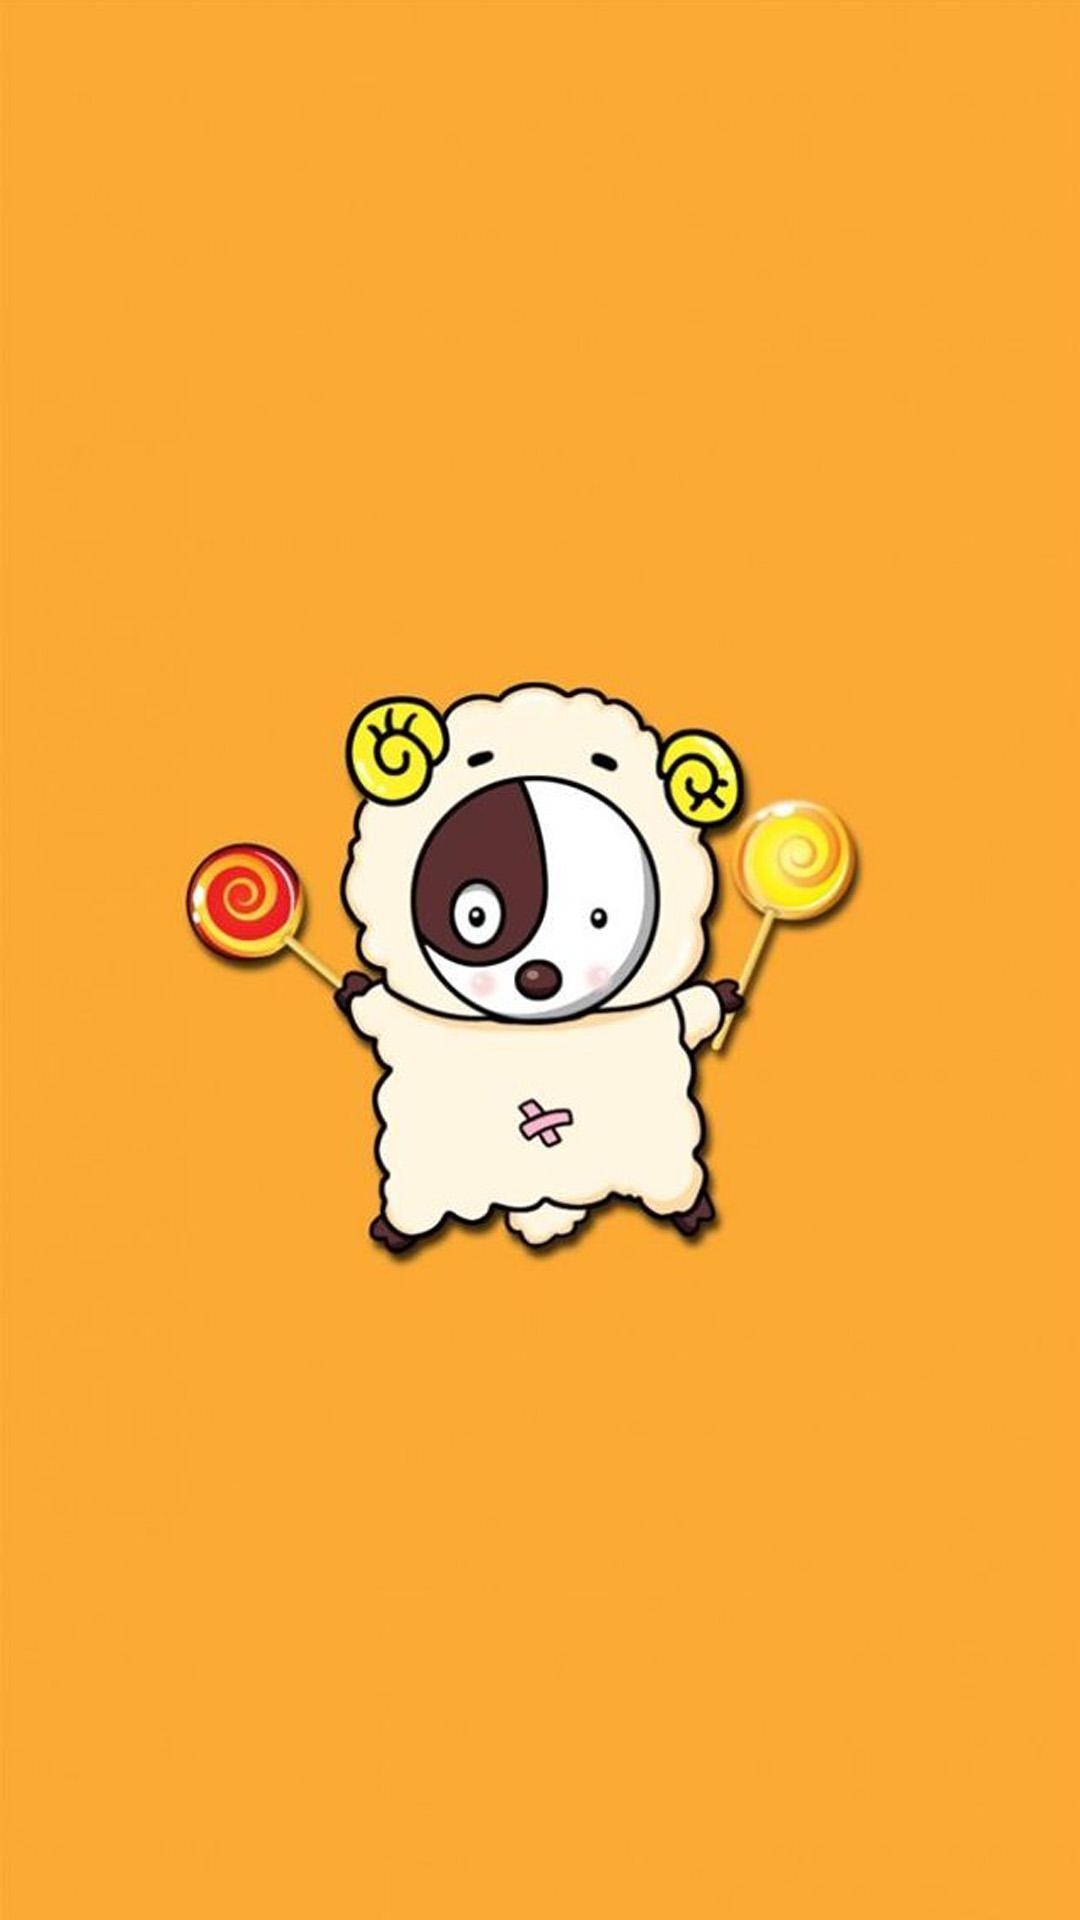 Cute   04